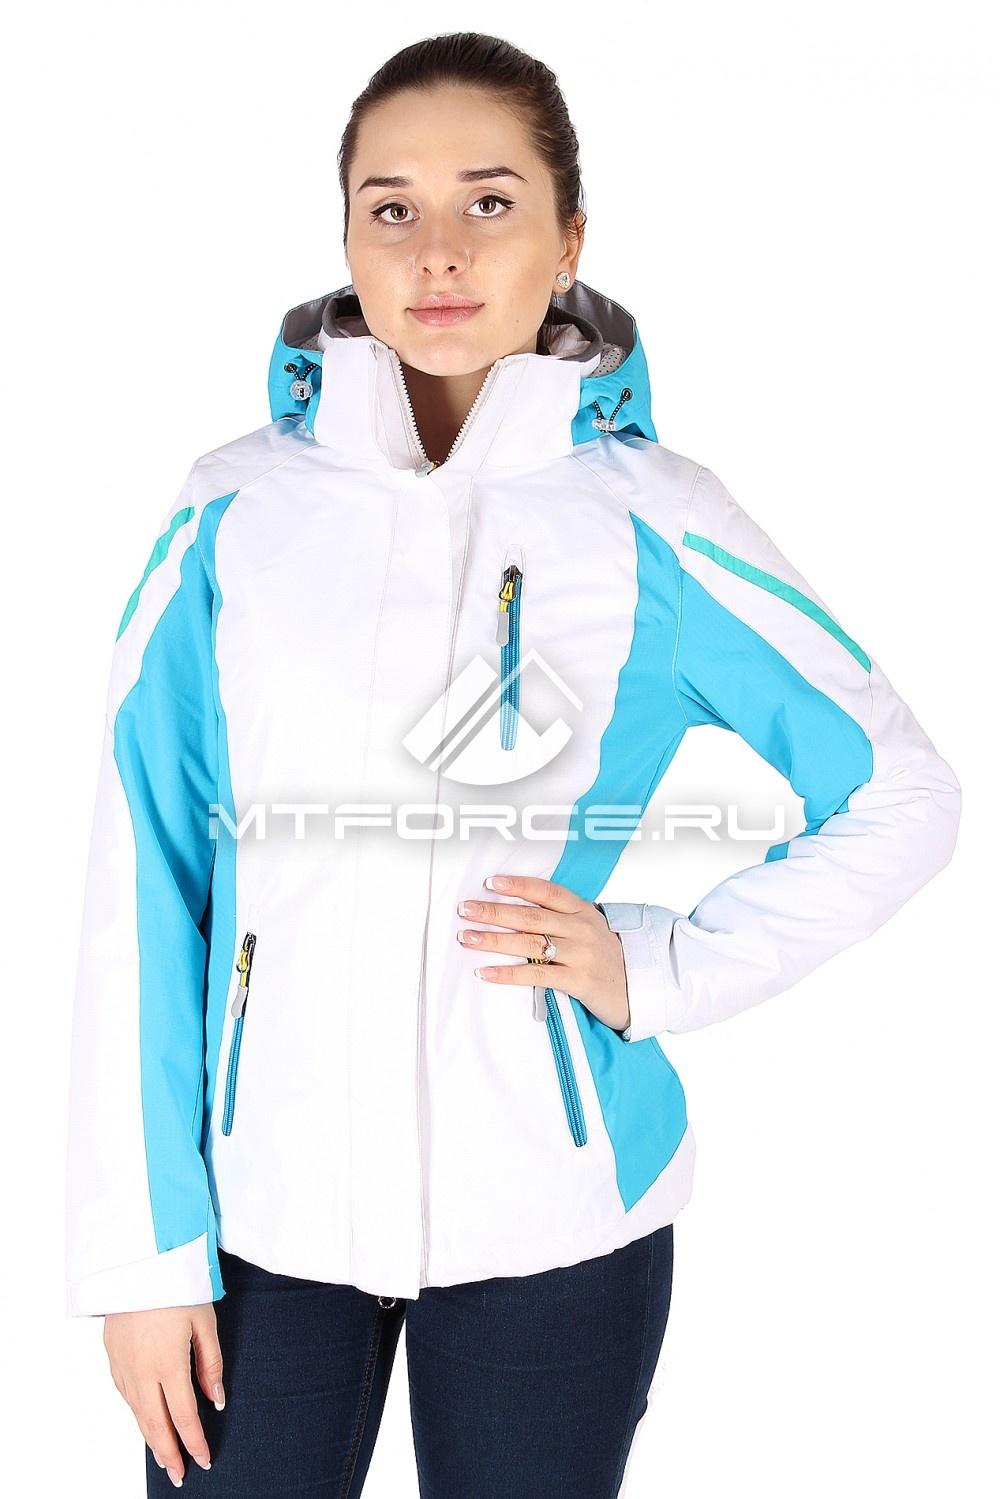 Купить                                  оптом Куртка спортивная женская весна бело-голубого цвета 930BG